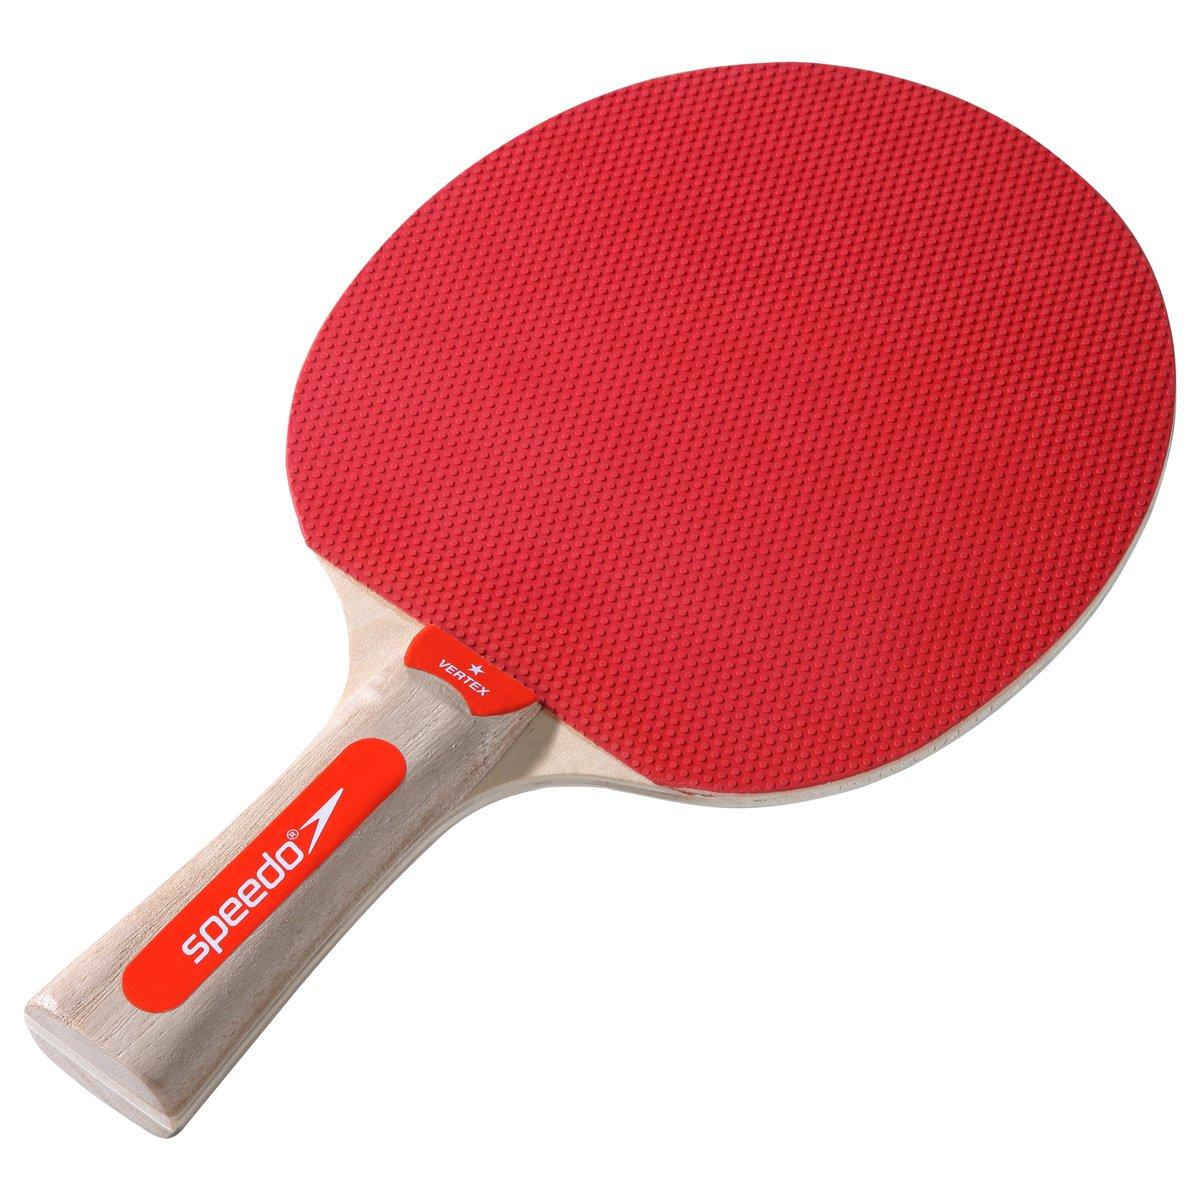 a3c073ef31 Raquete Speedo Tênis de Mesa   Ping Pong Vertex - Compre Agora ...